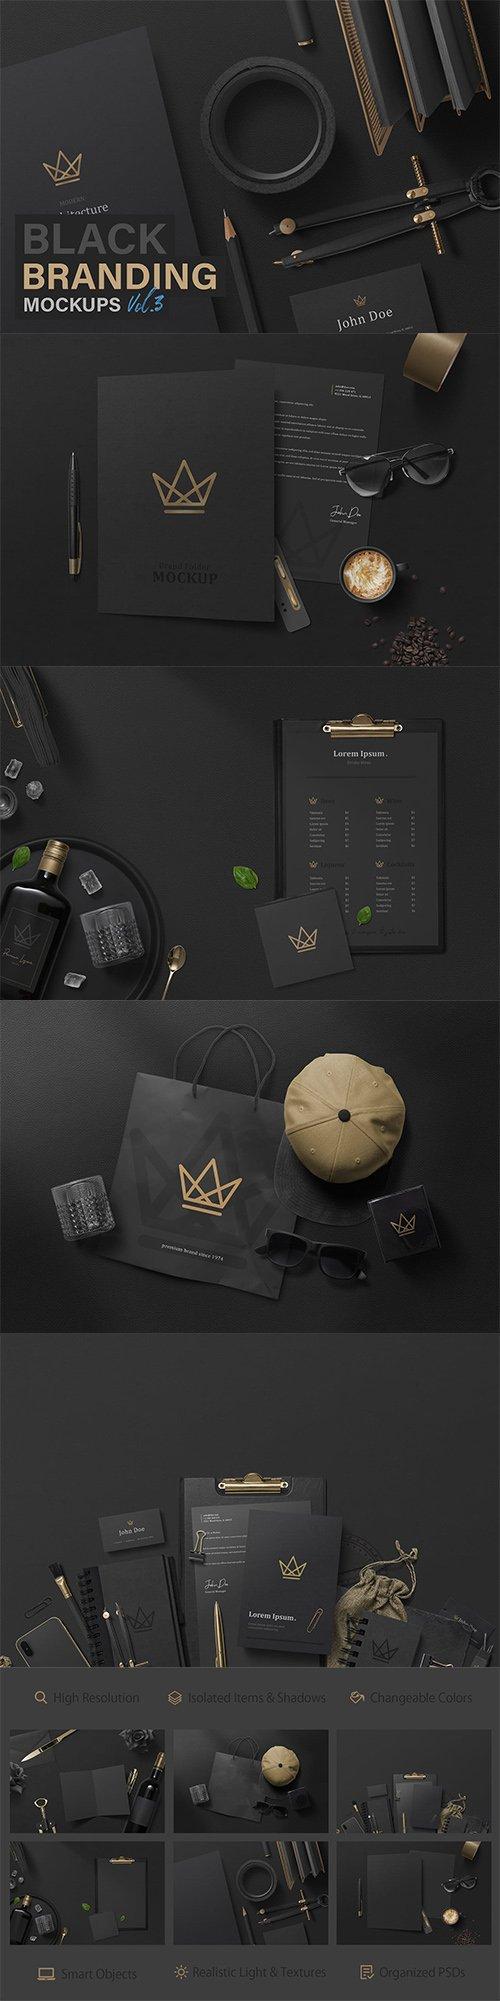 Black Branding Mockups Vol.3 PSD